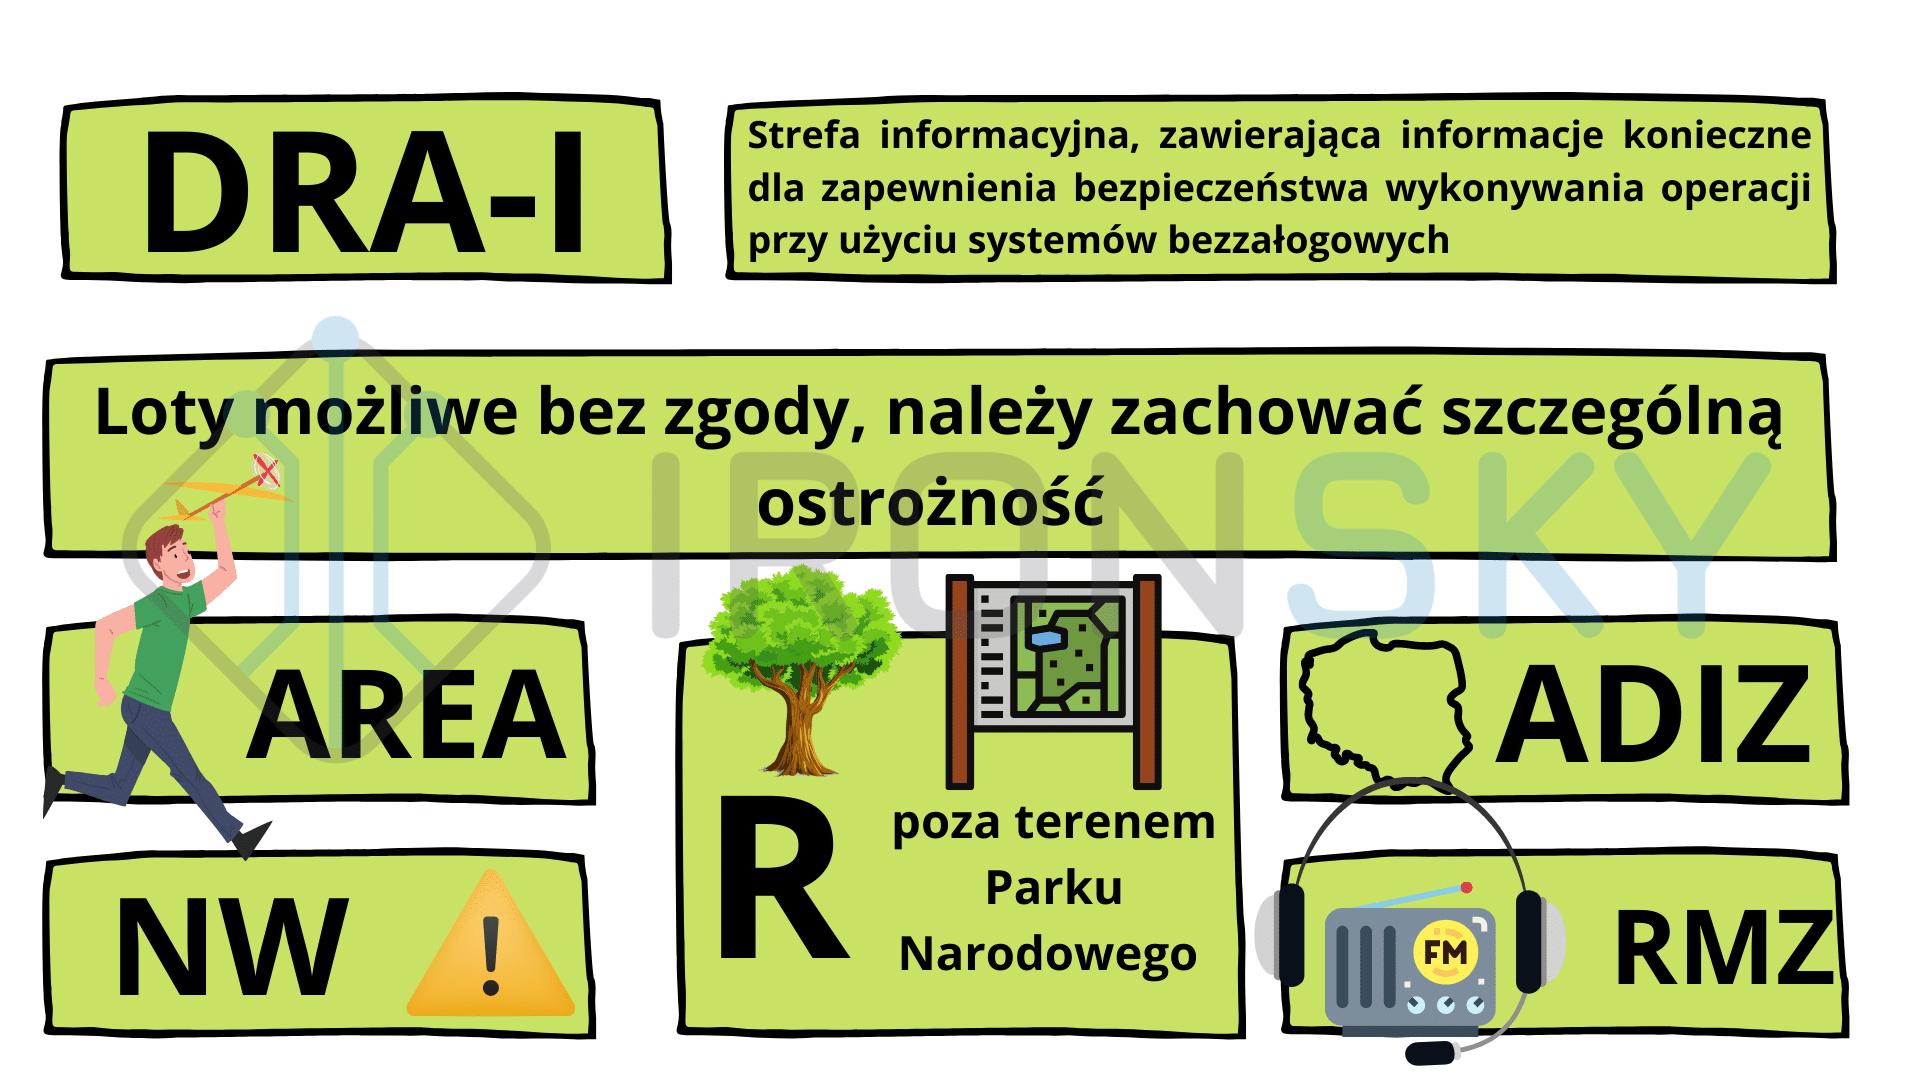 dra-i strefa informacyjna - infografika autorstwa ironsky.pl uznanego podmiotu przez ULC do szkoleń i egzaminowania pilotów dronów w Polsce